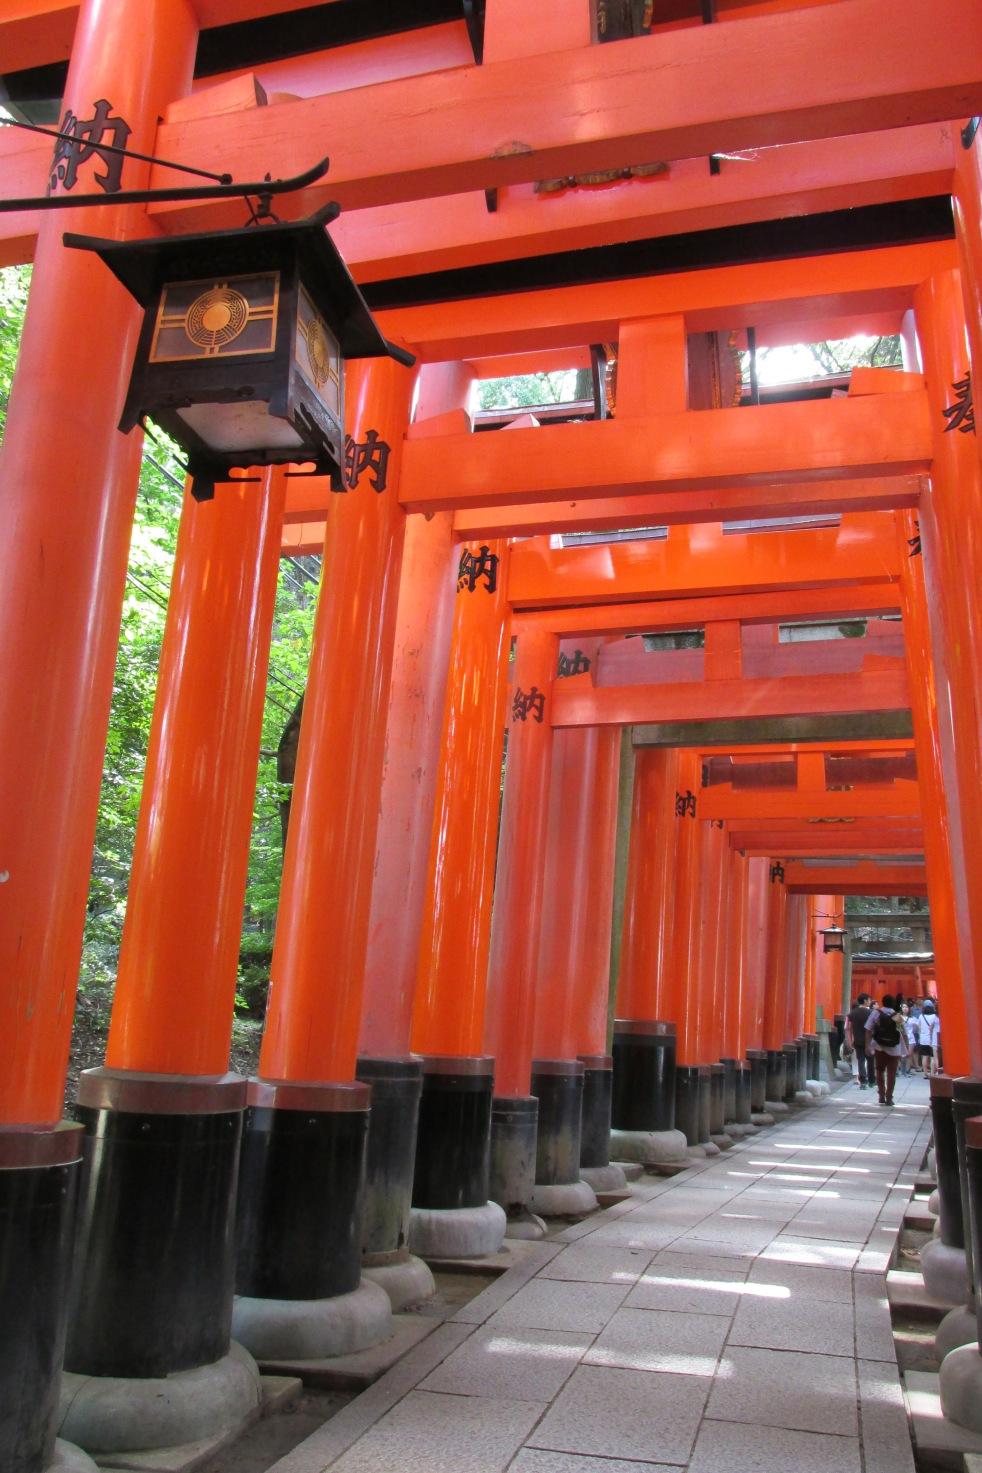 Vermillion torii gates reminded me of Kaoru Kamiya